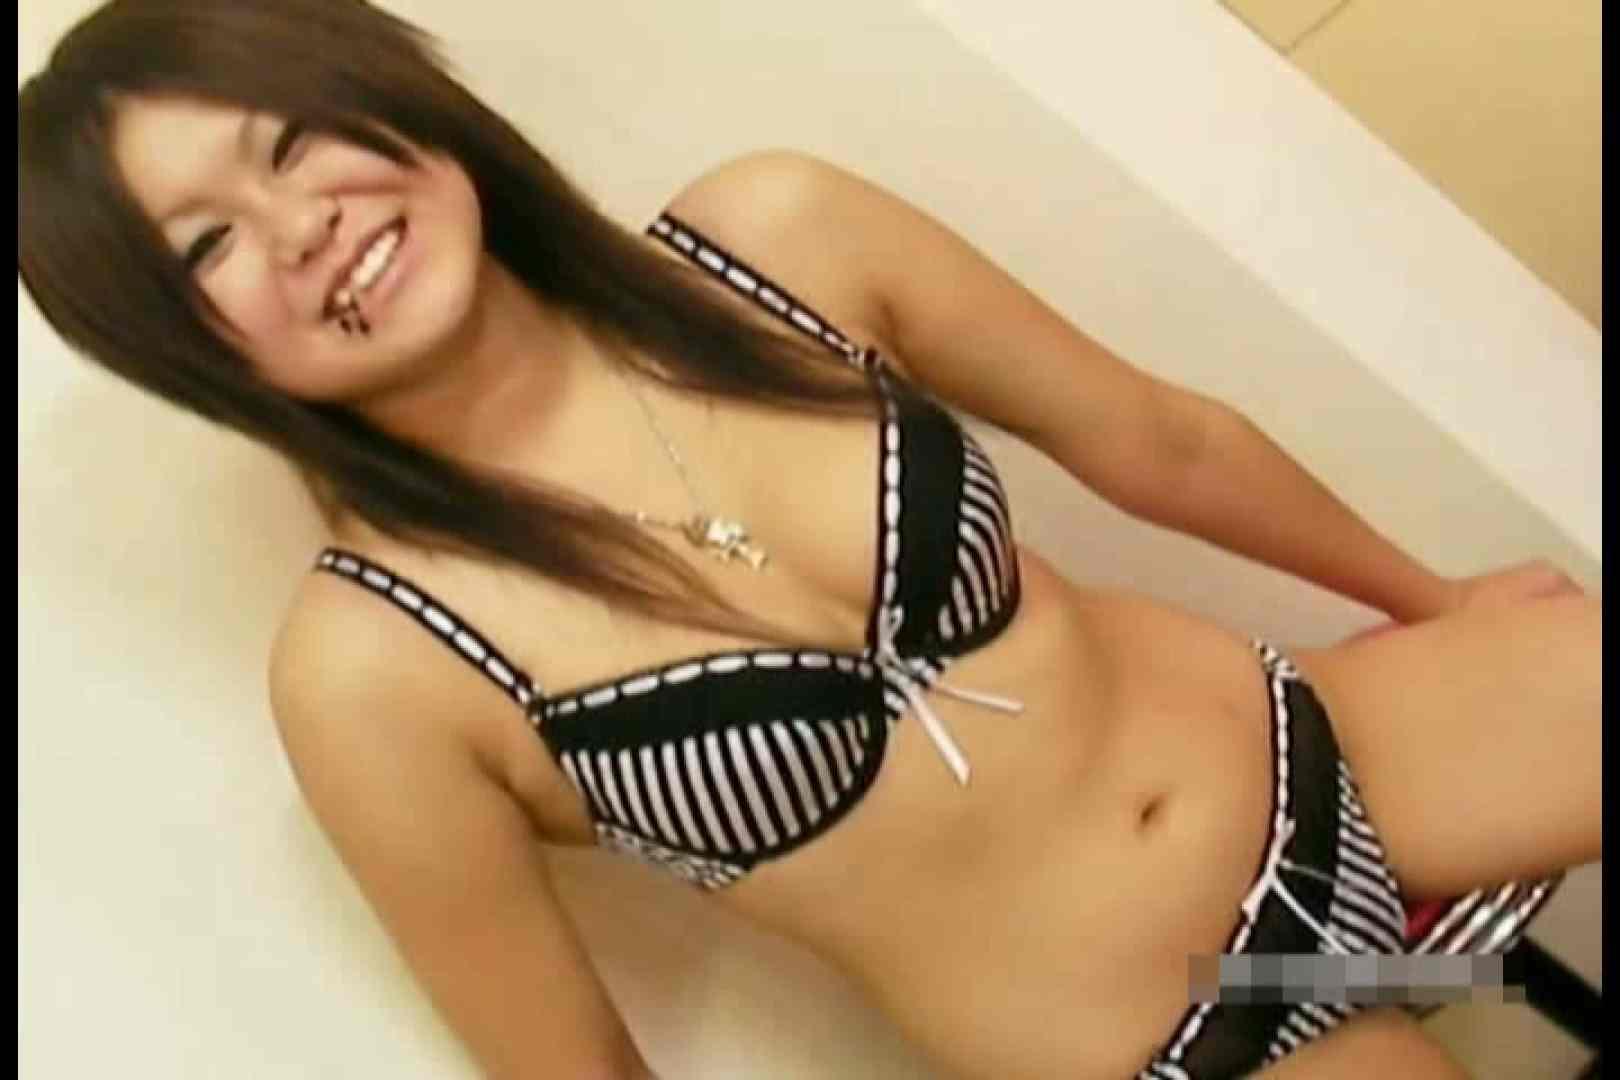 素人撮影 下着だけの撮影のはずが・・・みか19歳 巨乳女子 われめAV動画紹介 63pic 24